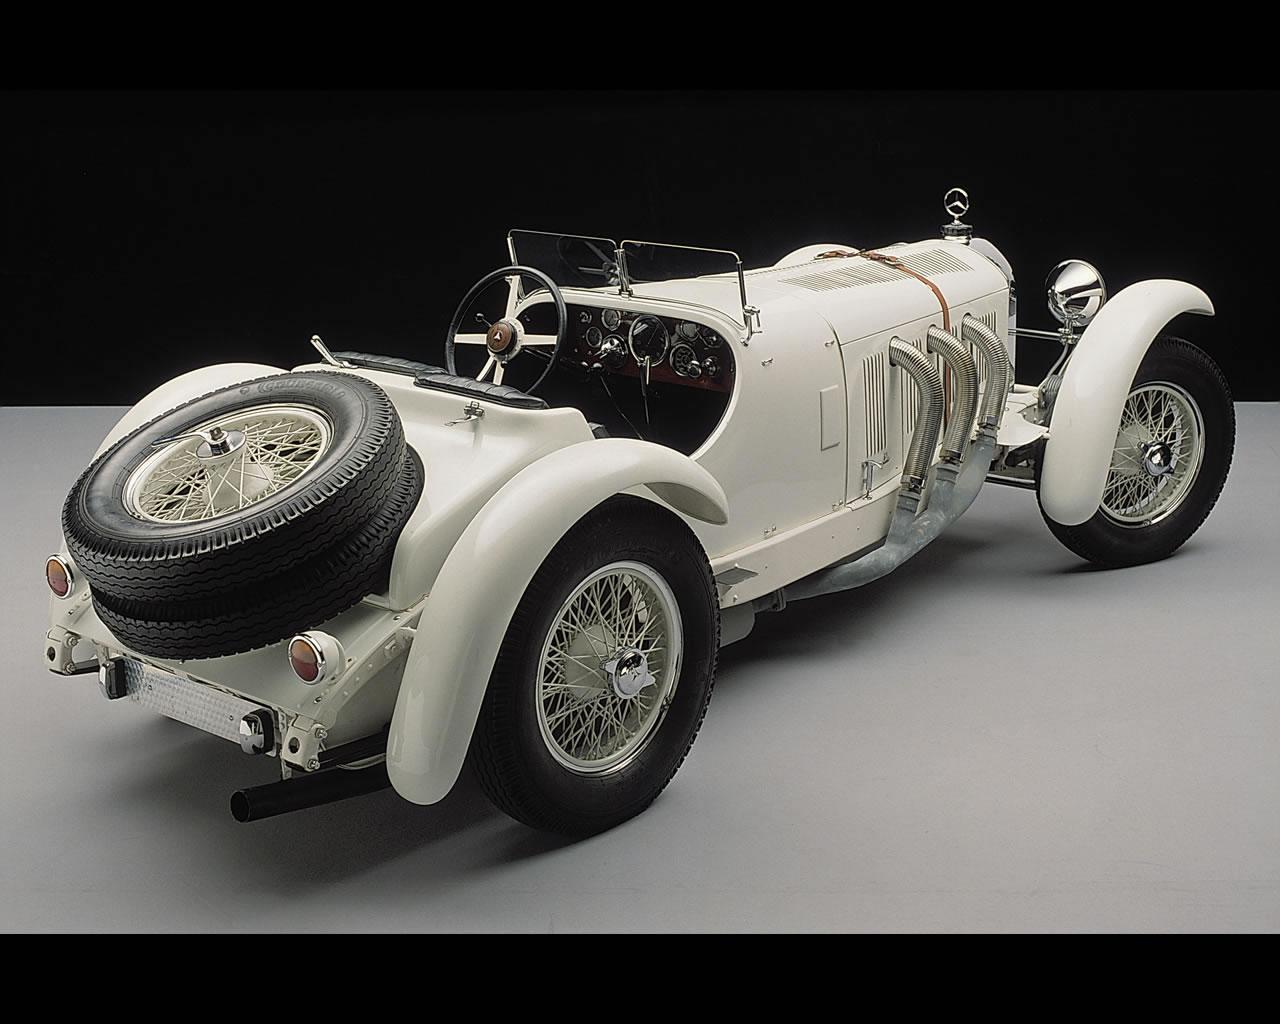 Mercedes benz super sport kurz ssk 1928 for 1928 mercedes benz